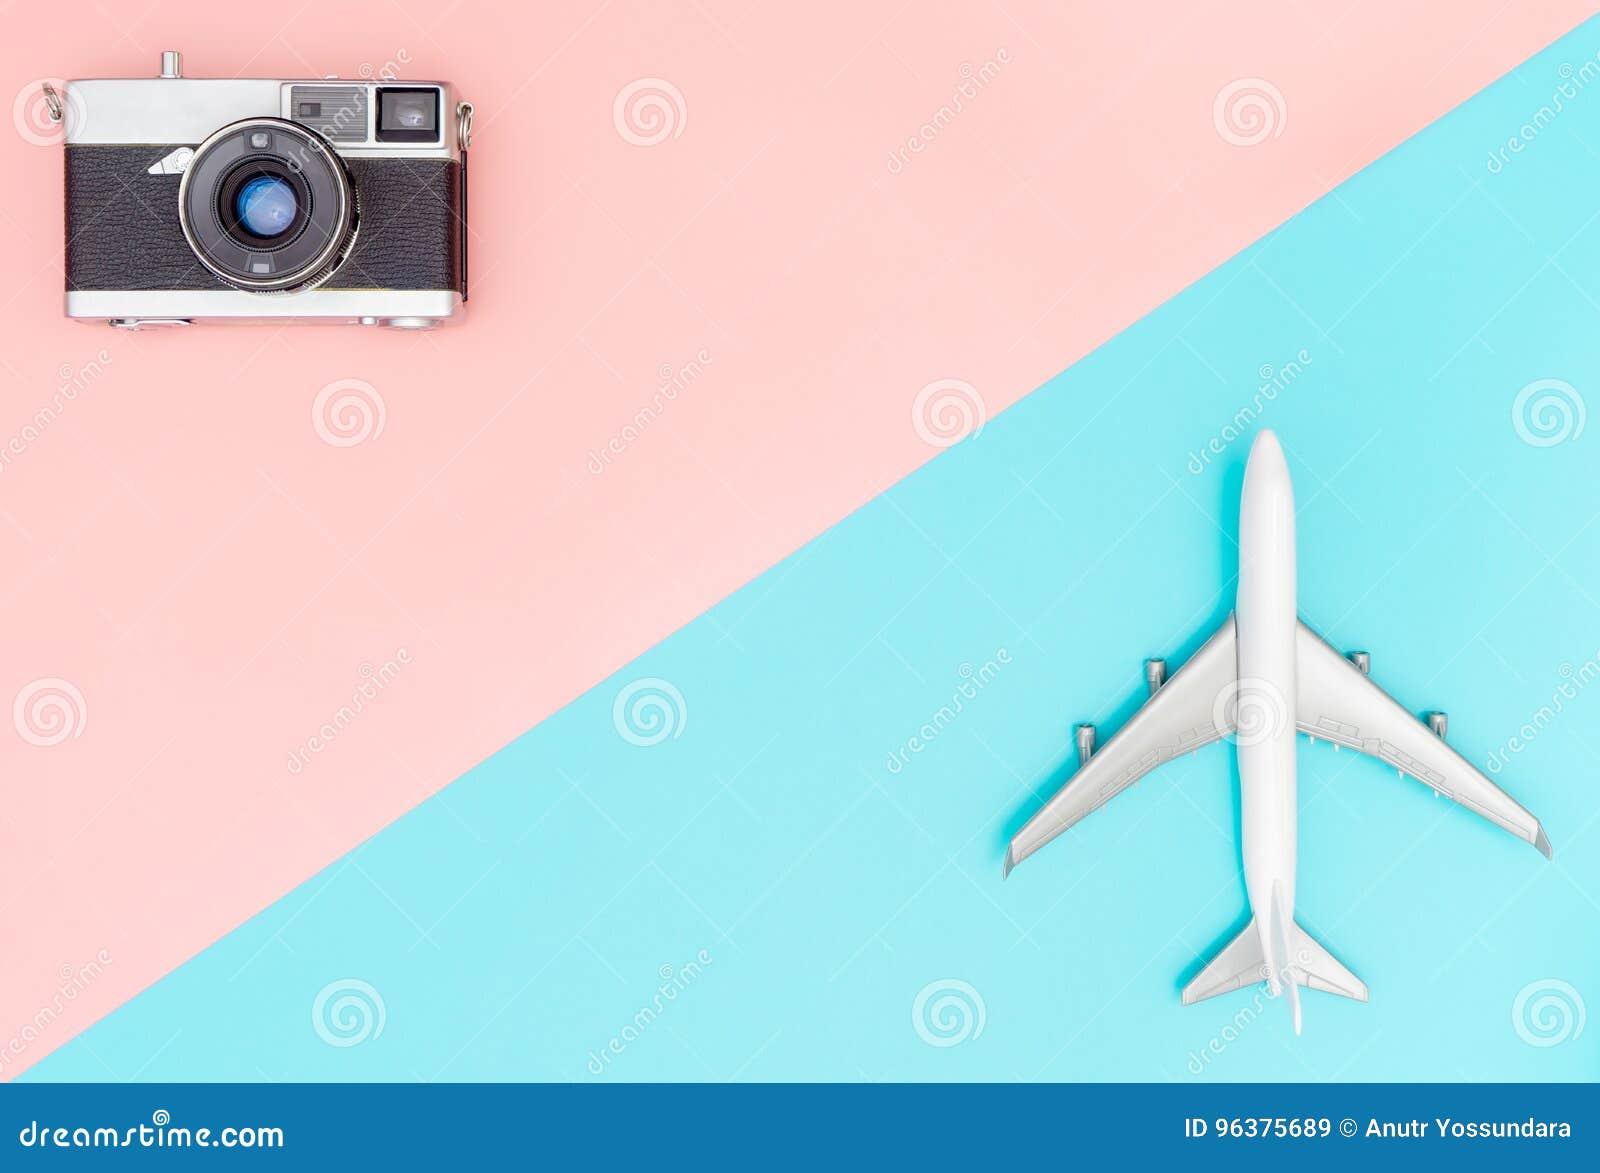 Zabawkarski samolot i kamera na tle różowym i błękitnym